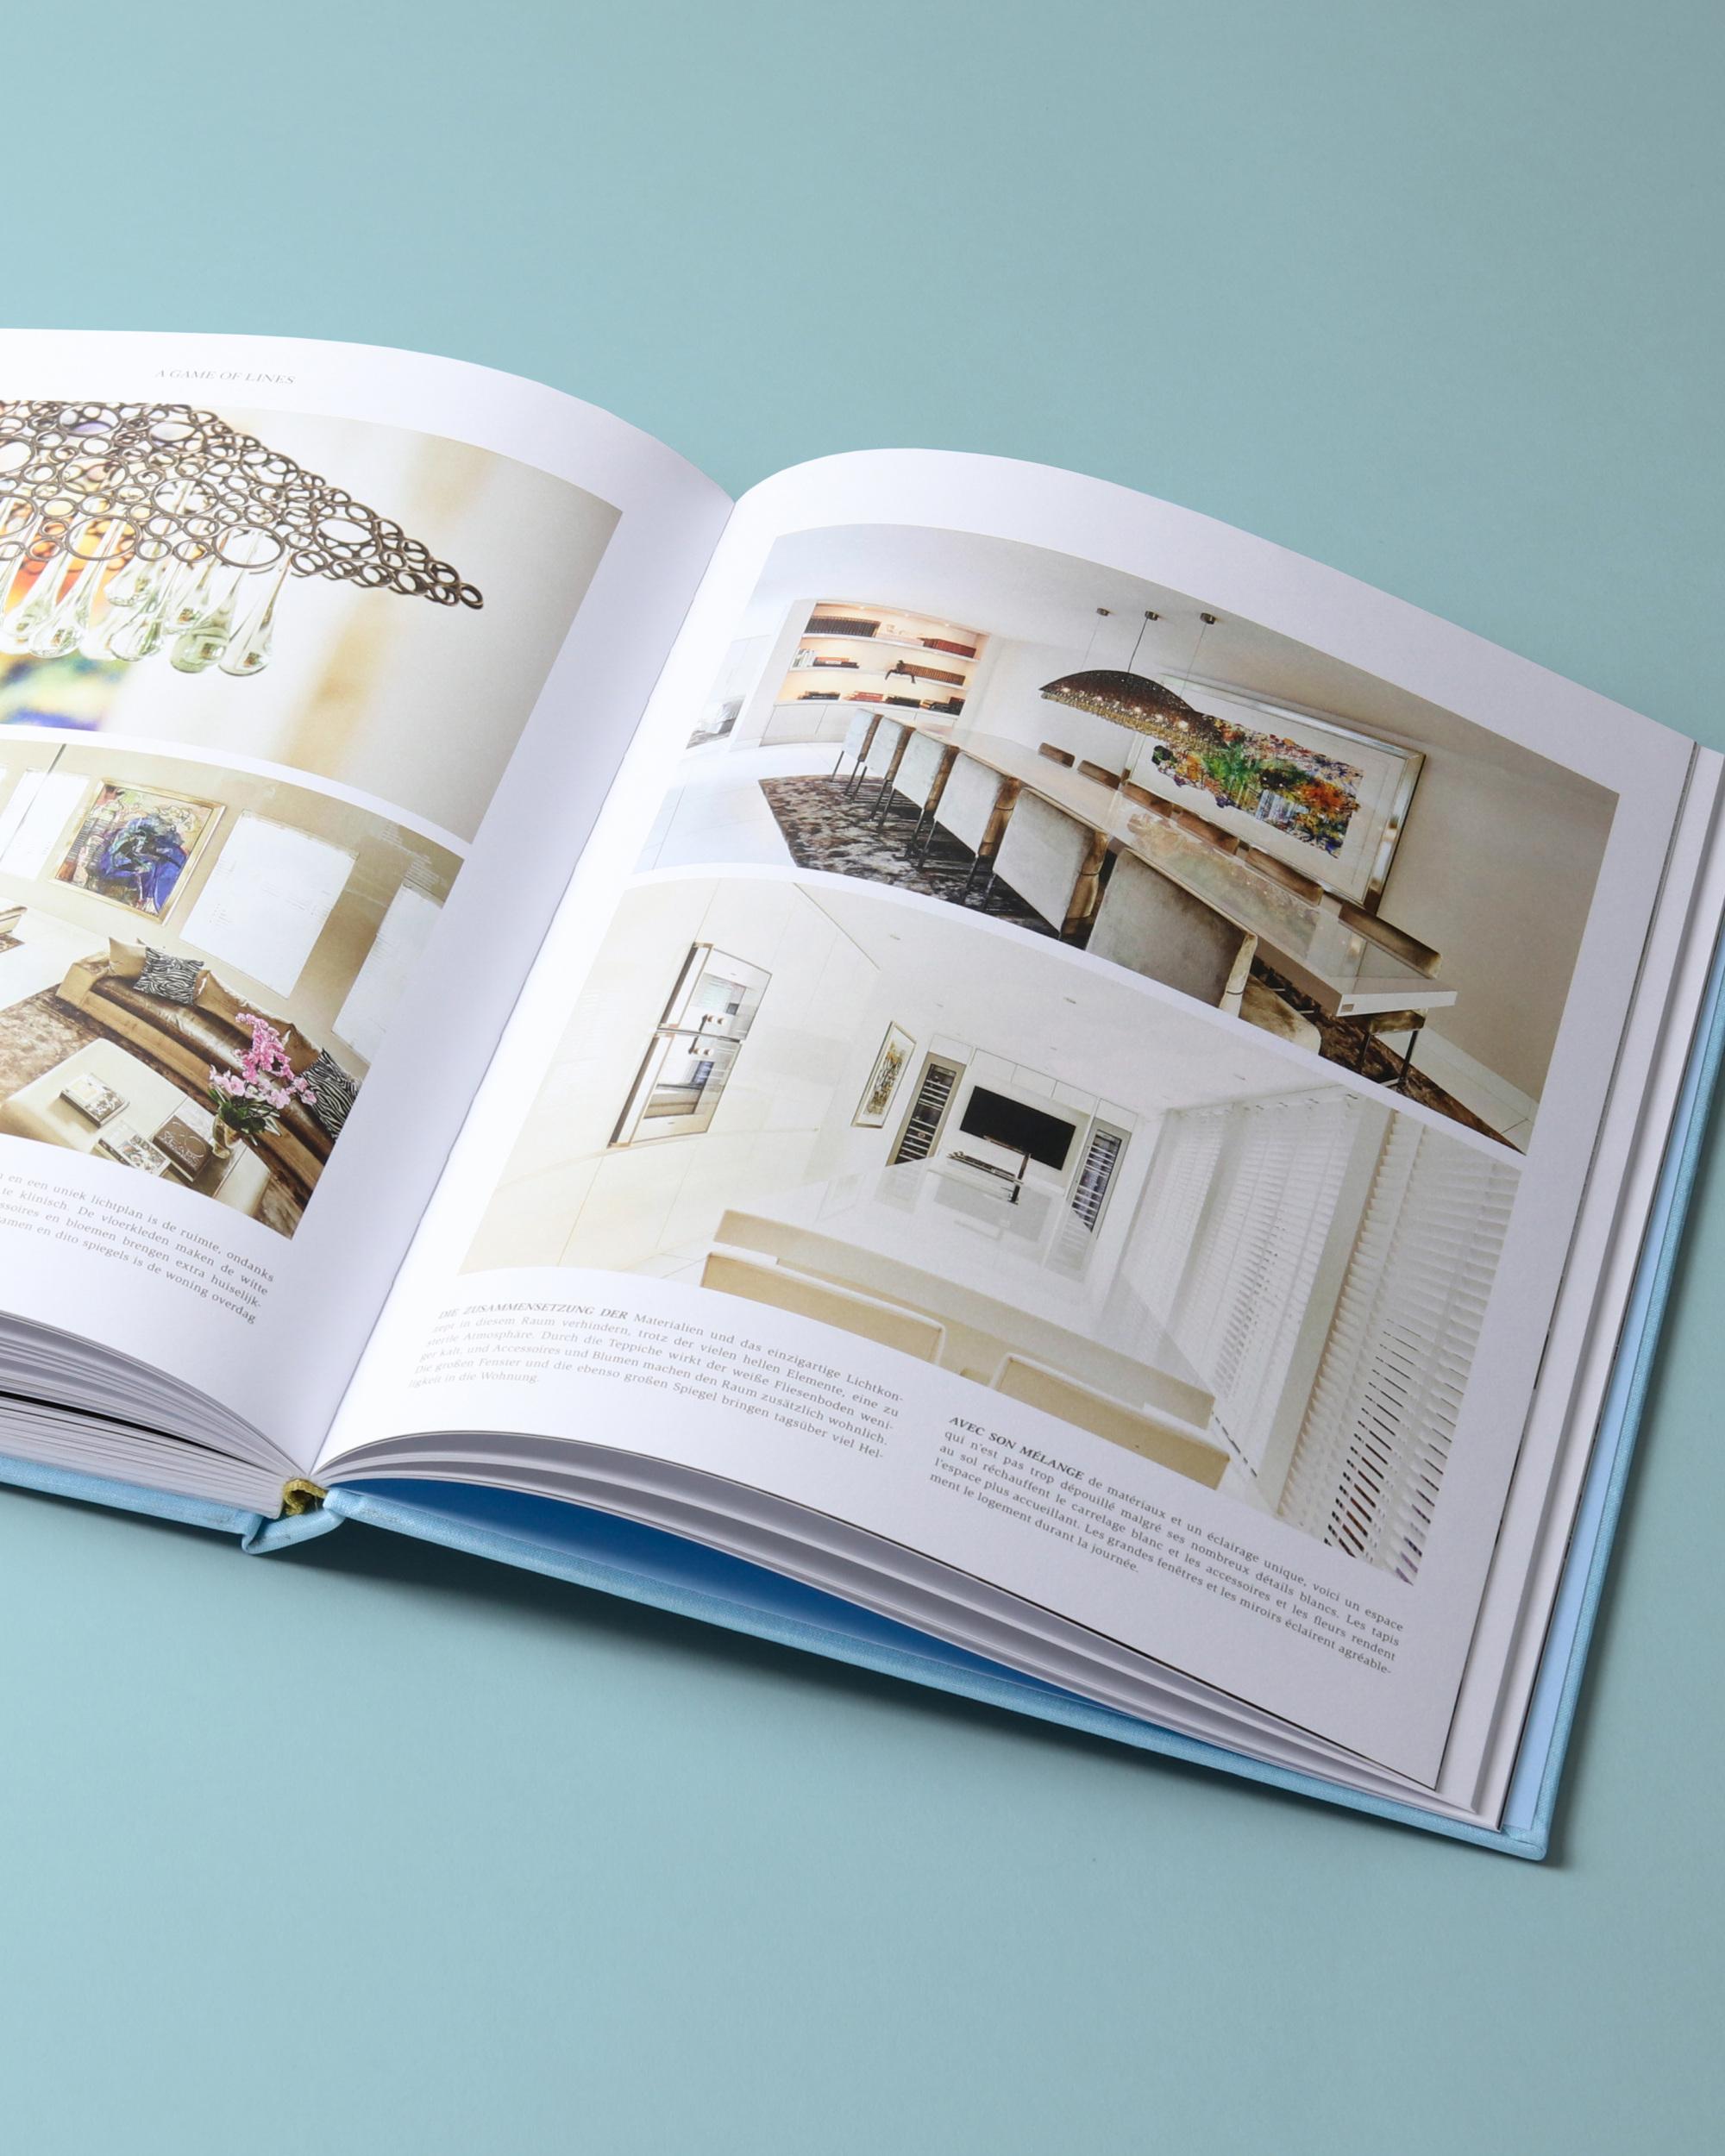 mendo-book-living-in-style-adam-06-2000x2500-c-default.jpg